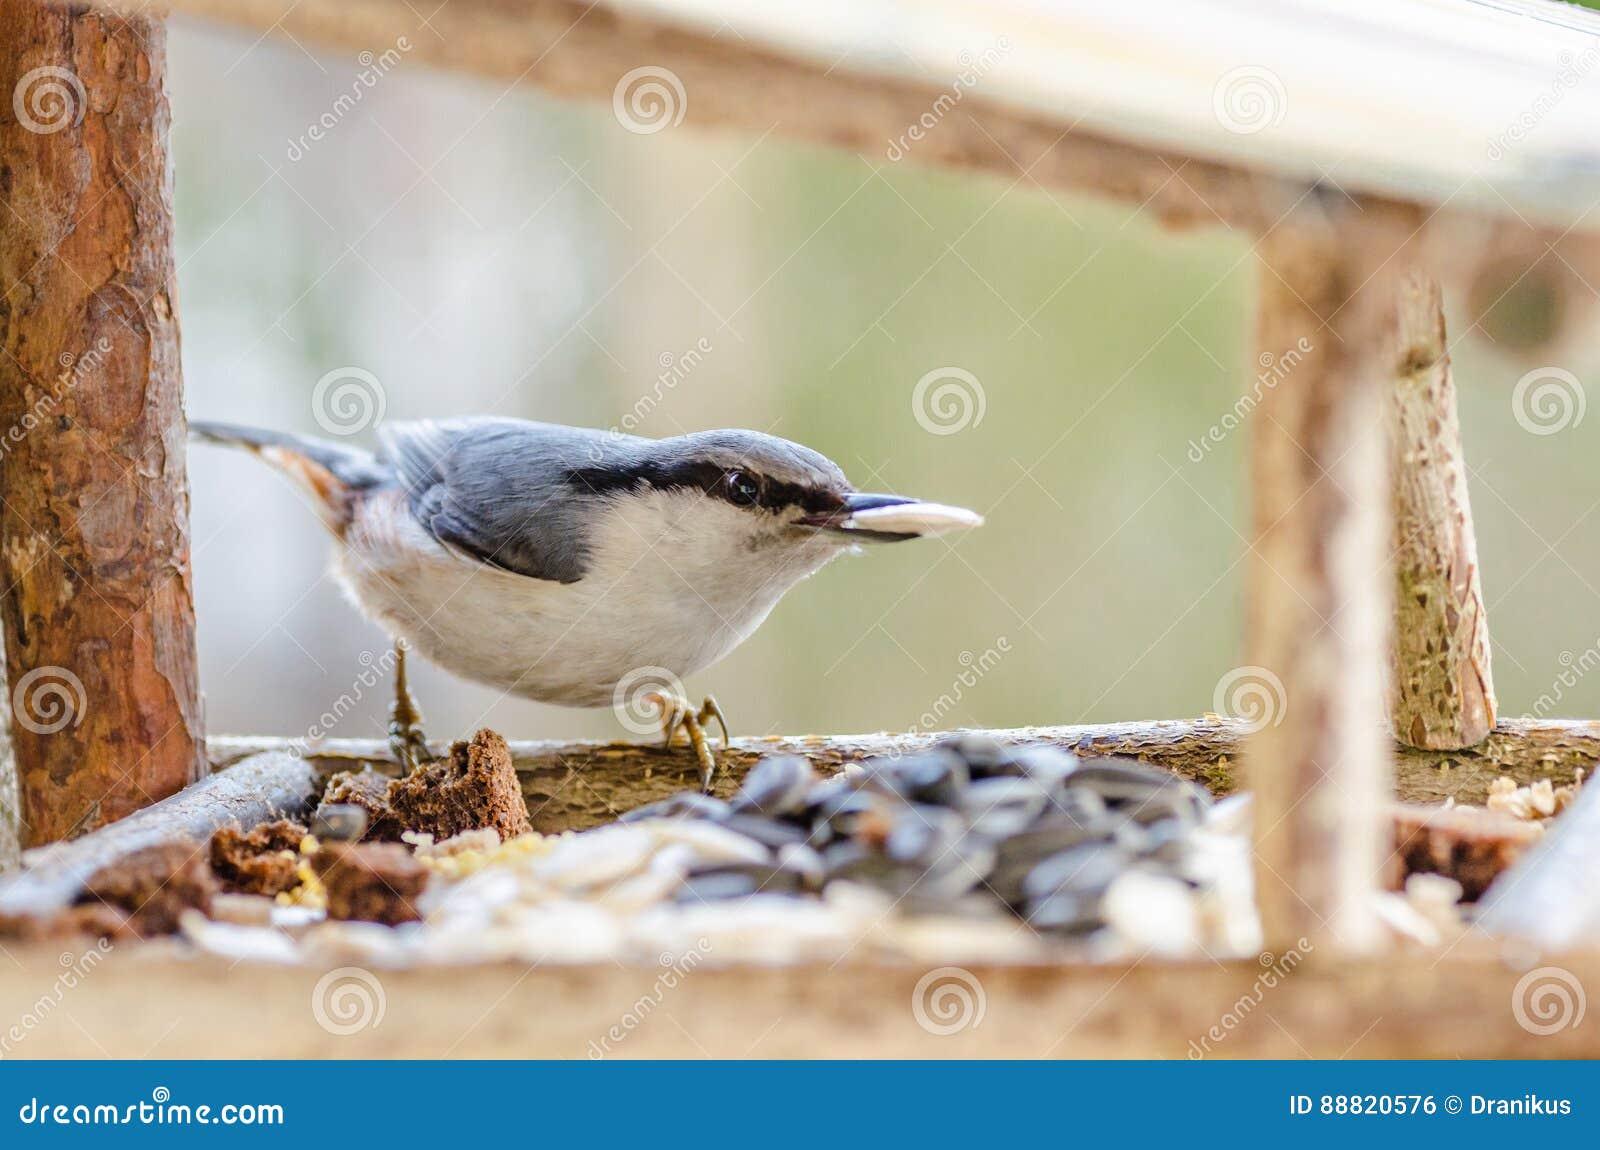 μικρό σώμα μεγάλο πουλί γυμνό μαύρο λεσβιακό μουνί